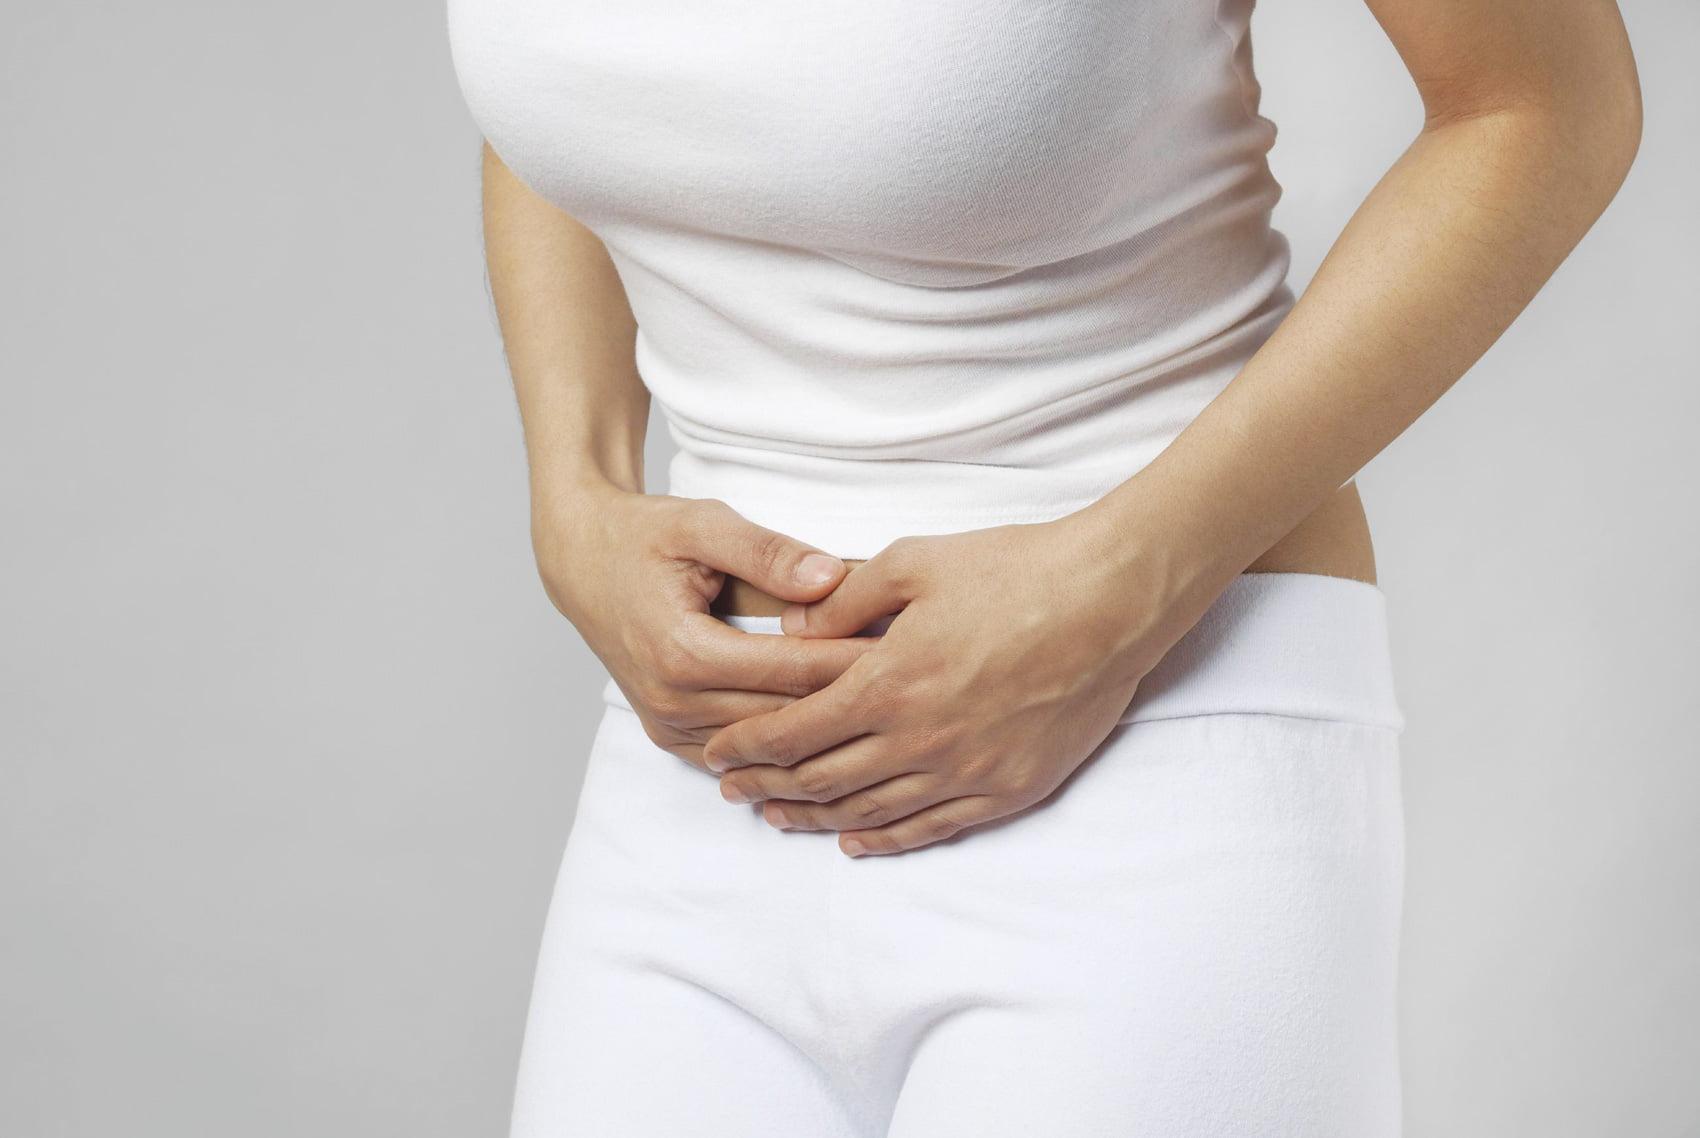 Симптомы рака мочевого пузыря: первые и последующие признаки